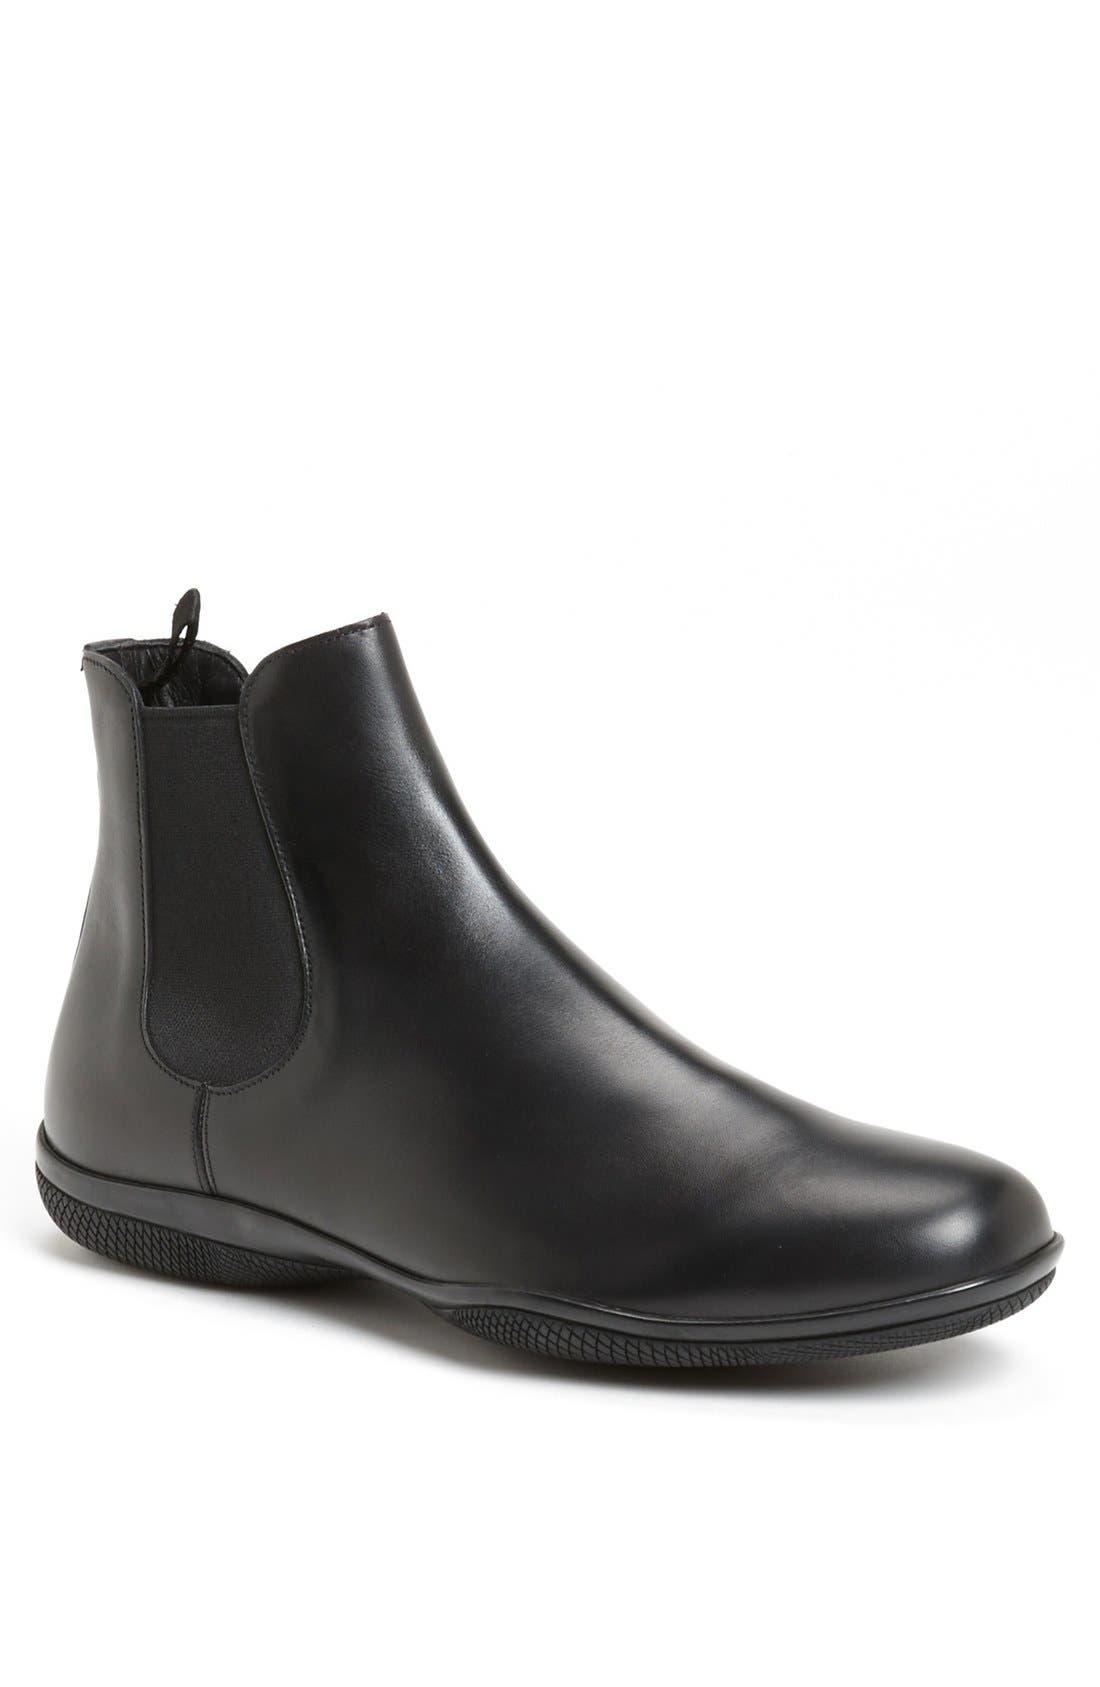 Alternate Image 1 Selected - Prada 'New Toblak' Chelsea Boot